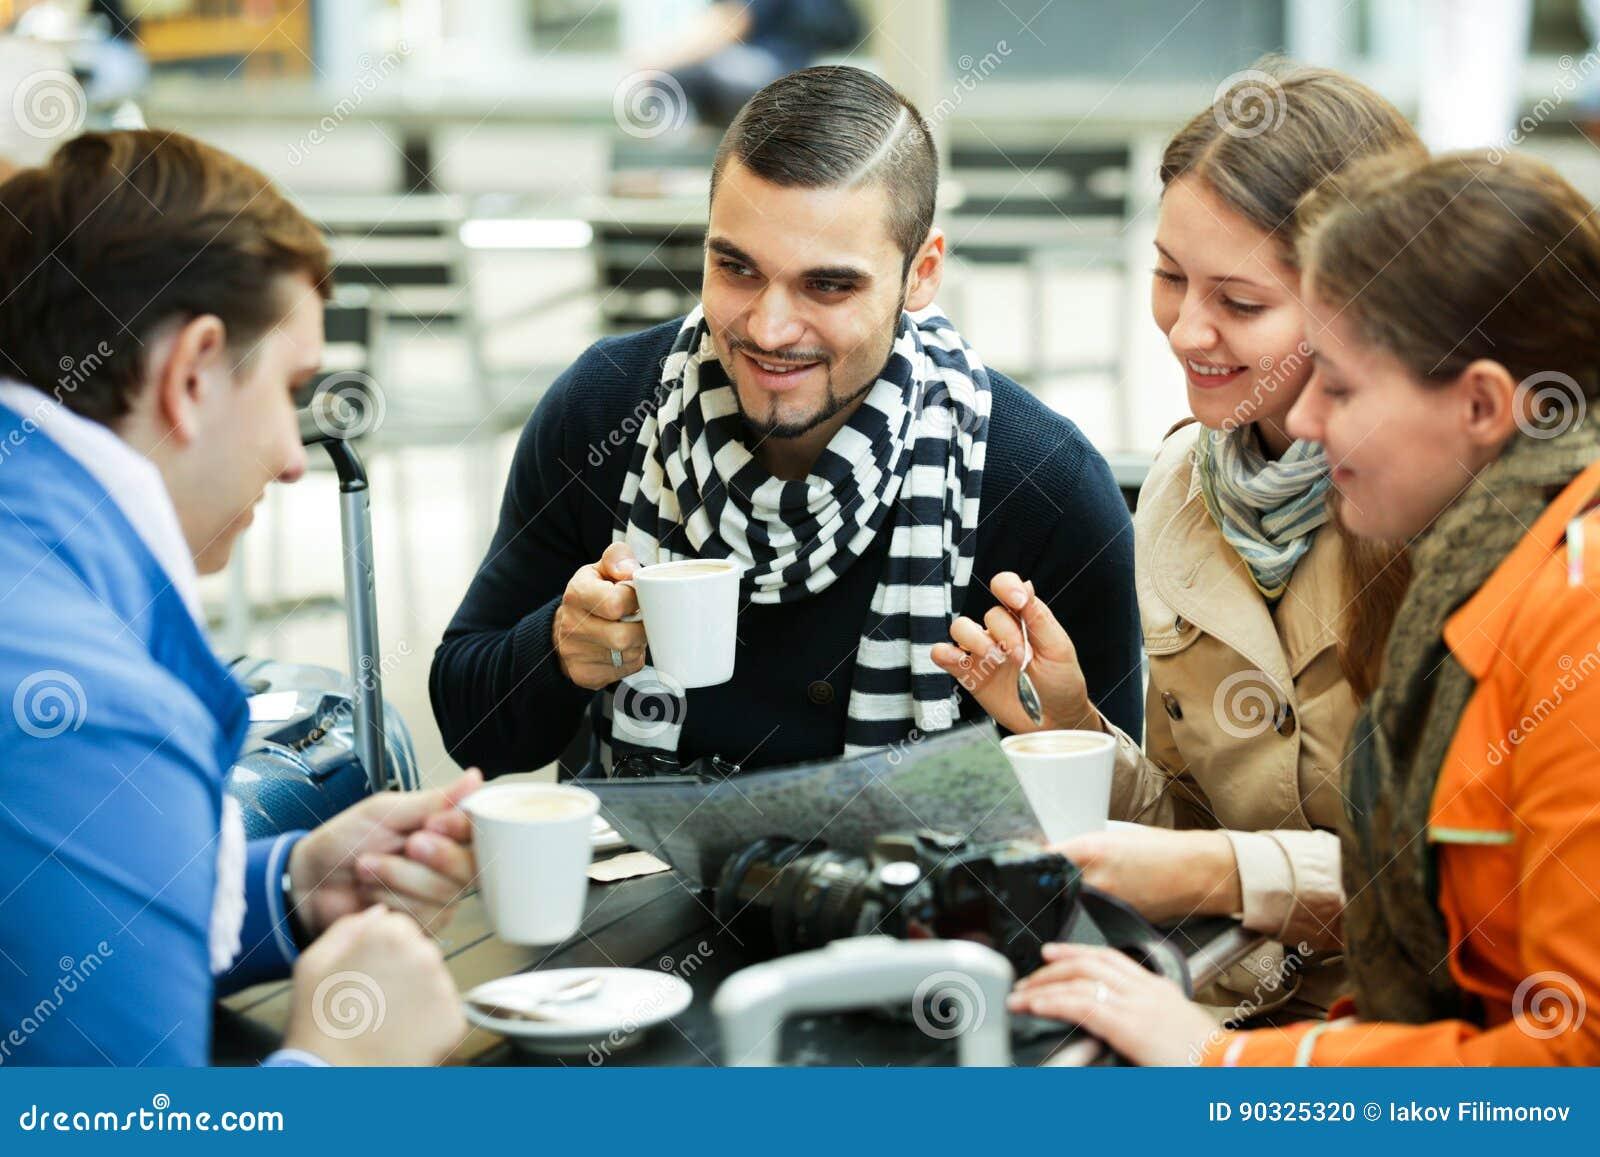 Reisende, die mit Karte im Café sitzen